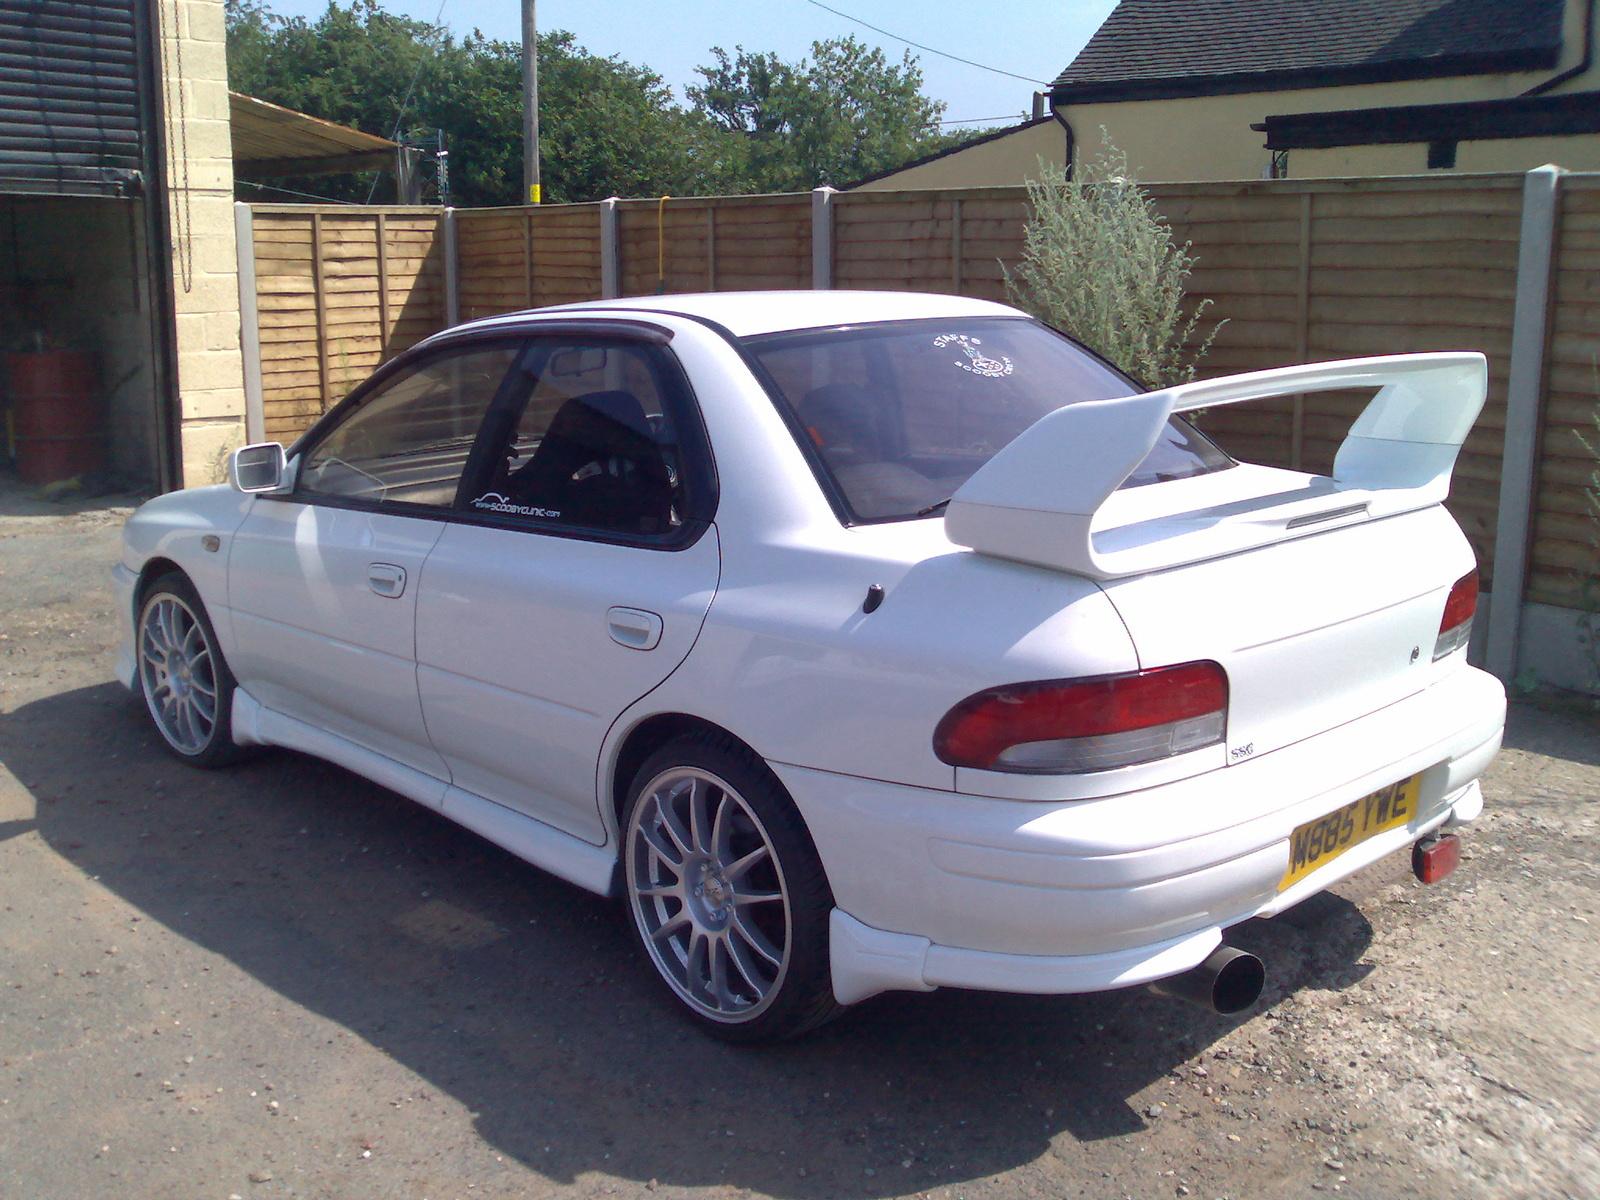 1995 Subaru Impreza Pictures Cargurus